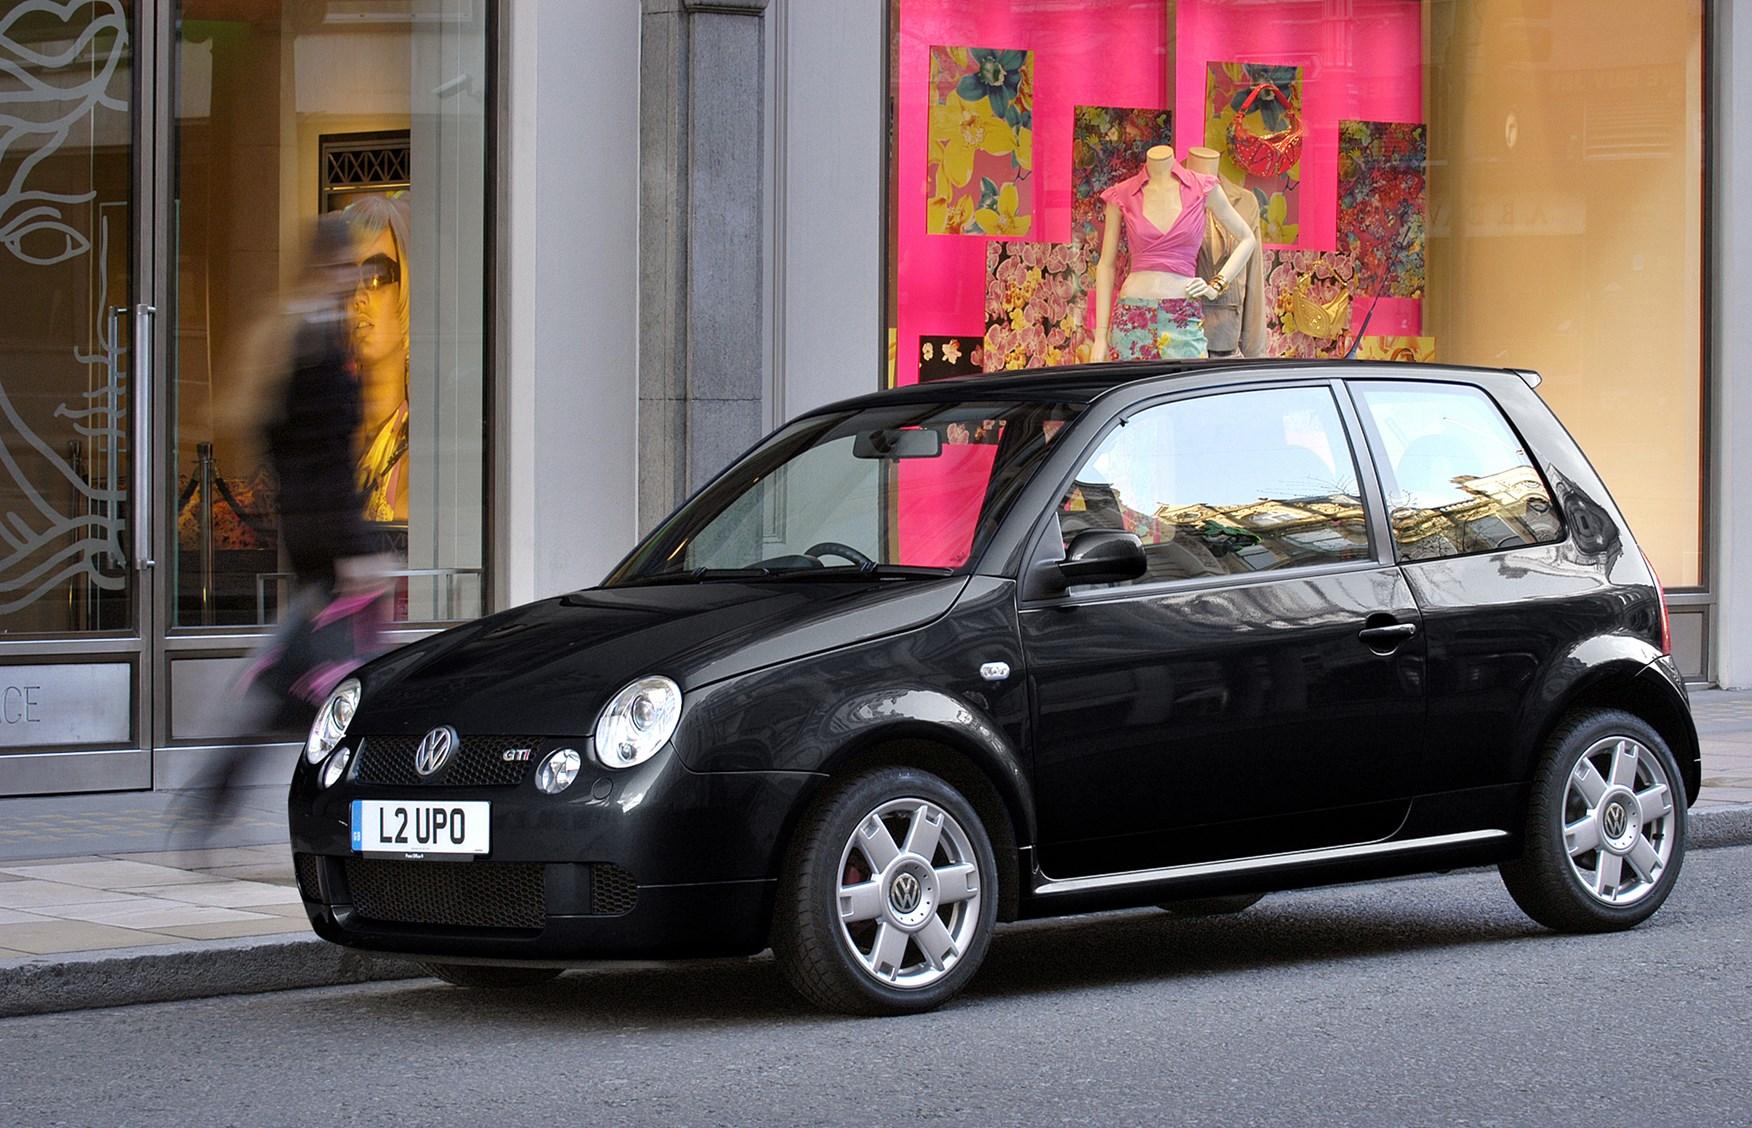 Volkswagen lupo gti 2000 2005 hatchback 3 door outstanding cars volkswagen lupo gti 2000 2005 hatchback 3 door 4 fandeluxe Choice Image